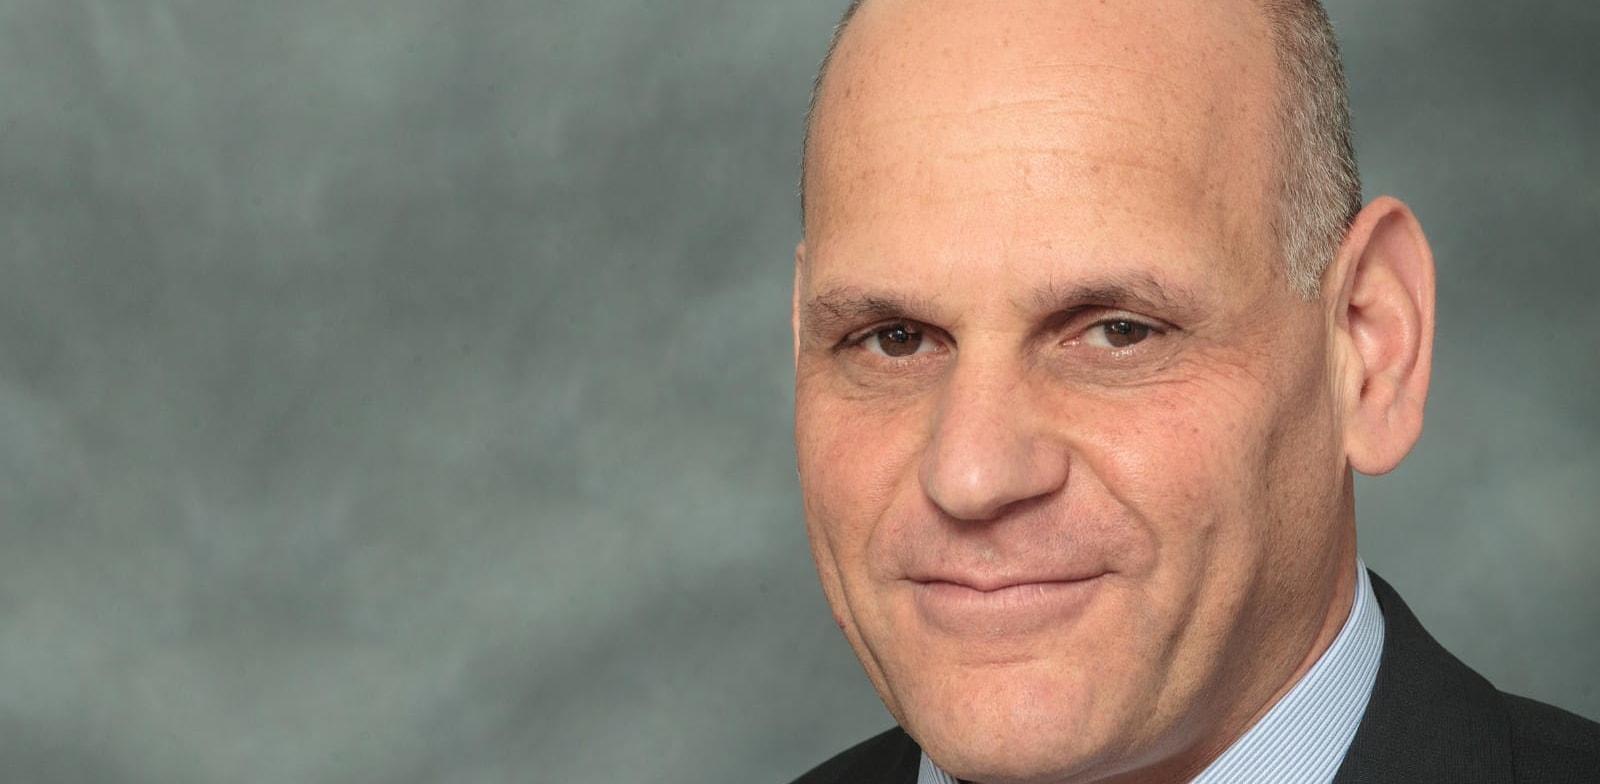 """בצלאל (בוצי) מכליס, נשיא ומנכ""""ל אלביט מערכות / צילום: אלביט מערכות יח""""צ"""